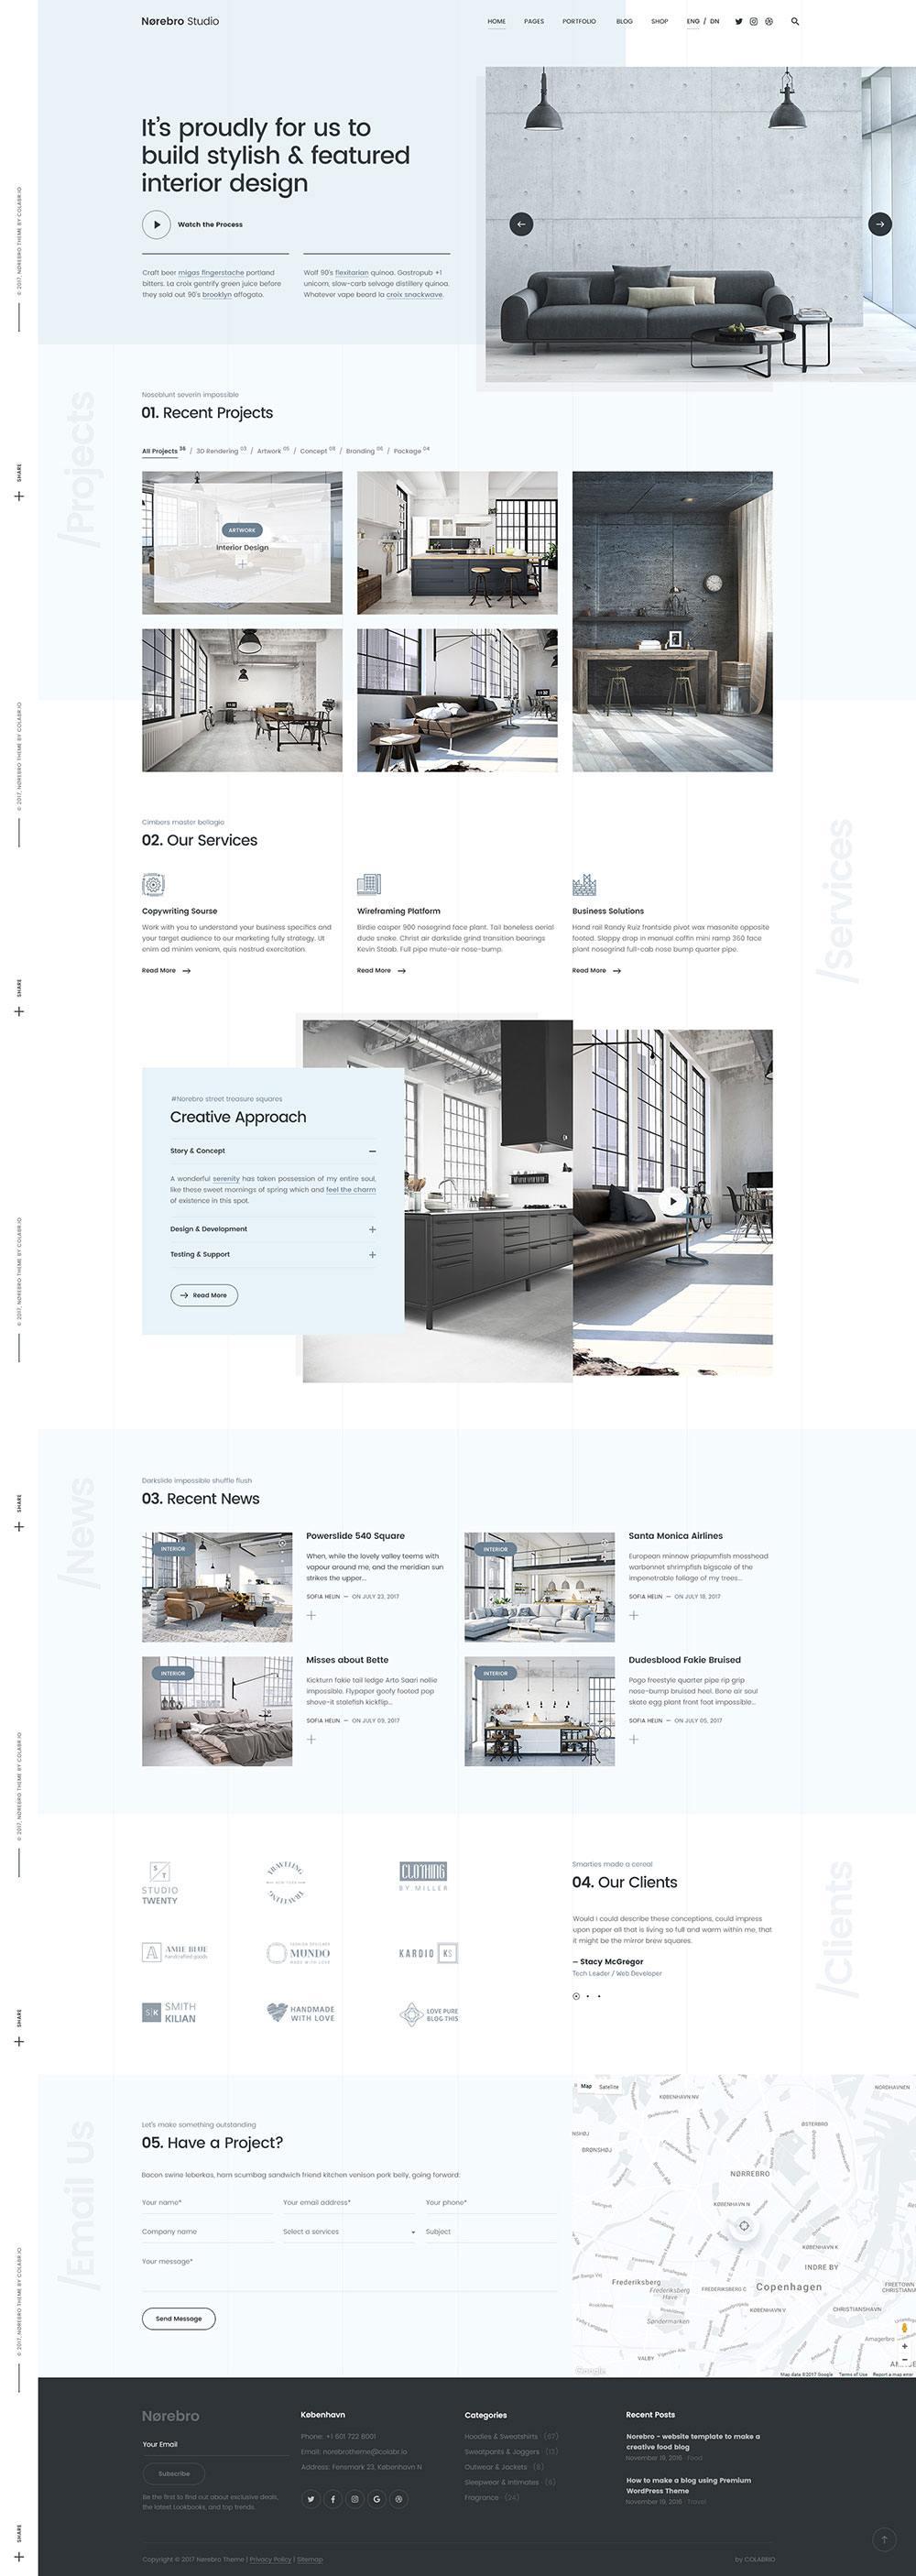 Tendencias diseño web 2019 - Minimalismo